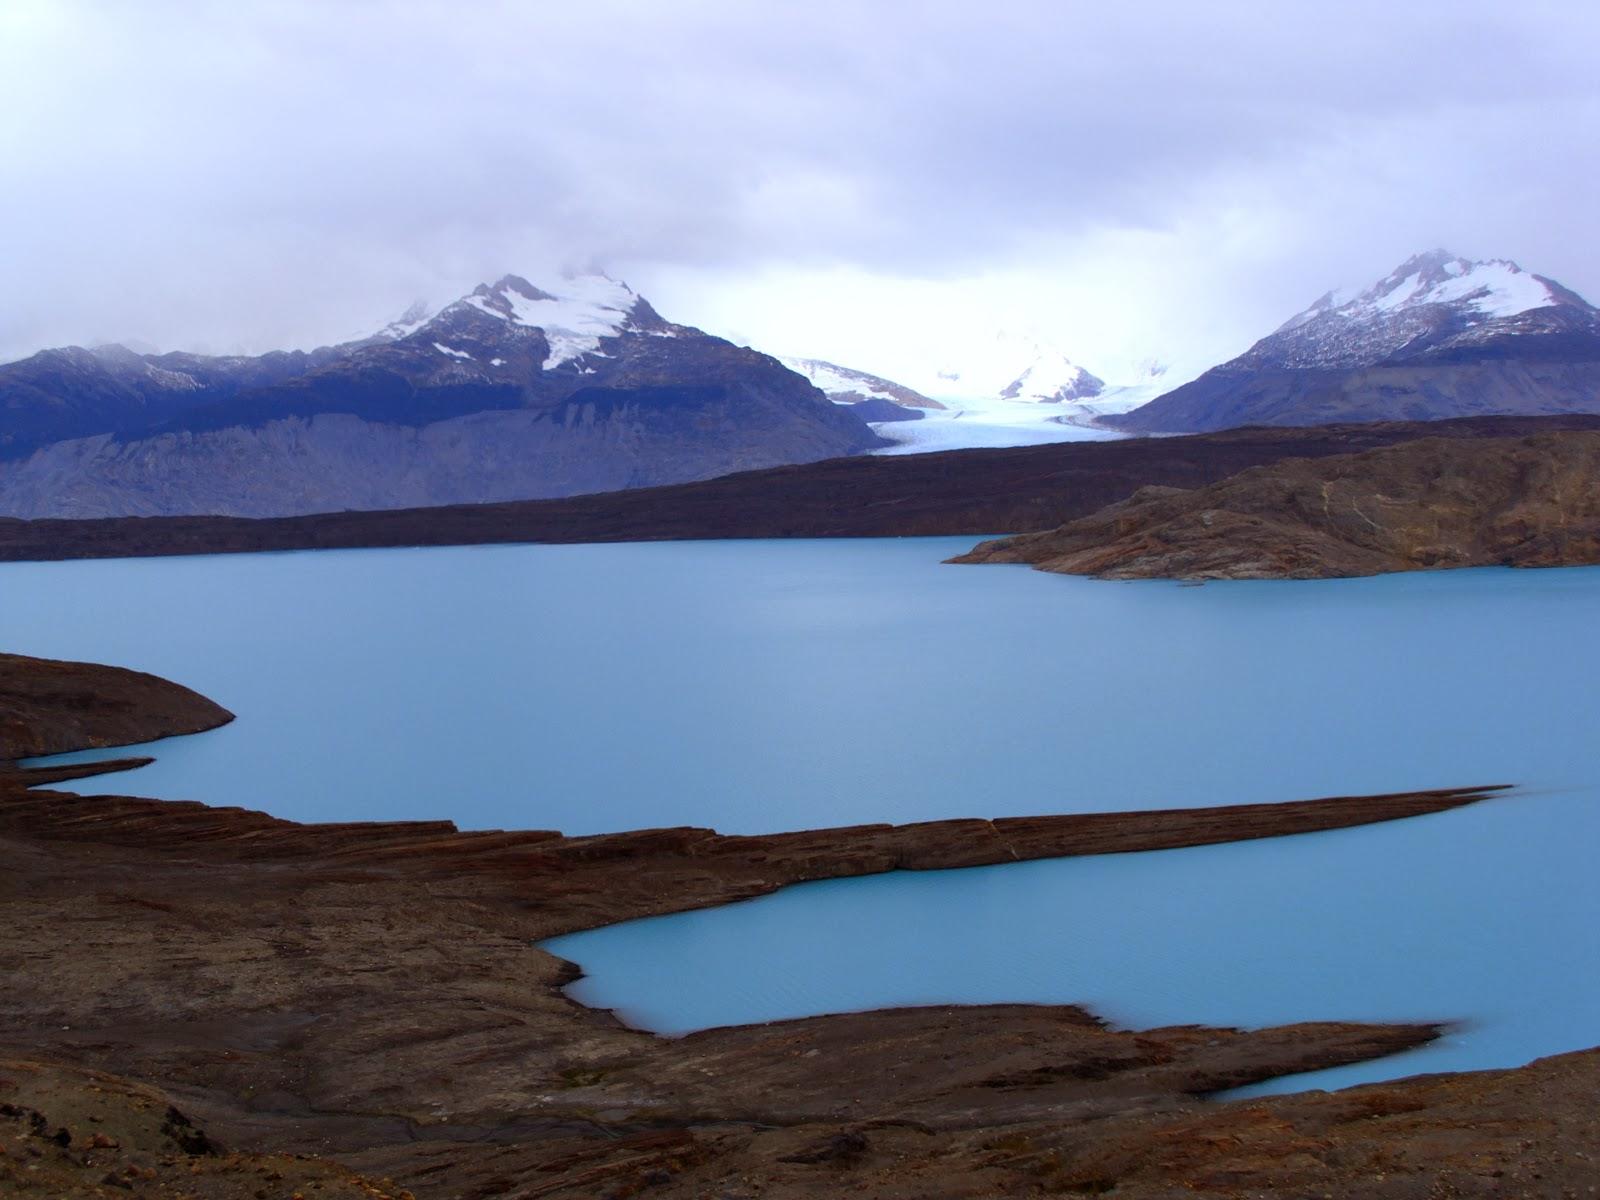 Por La Patagonia Argentina Diarios De Viajes De Argentina: Cosas Que Aprendí Viajando: Crónica De Un Viaje Por La